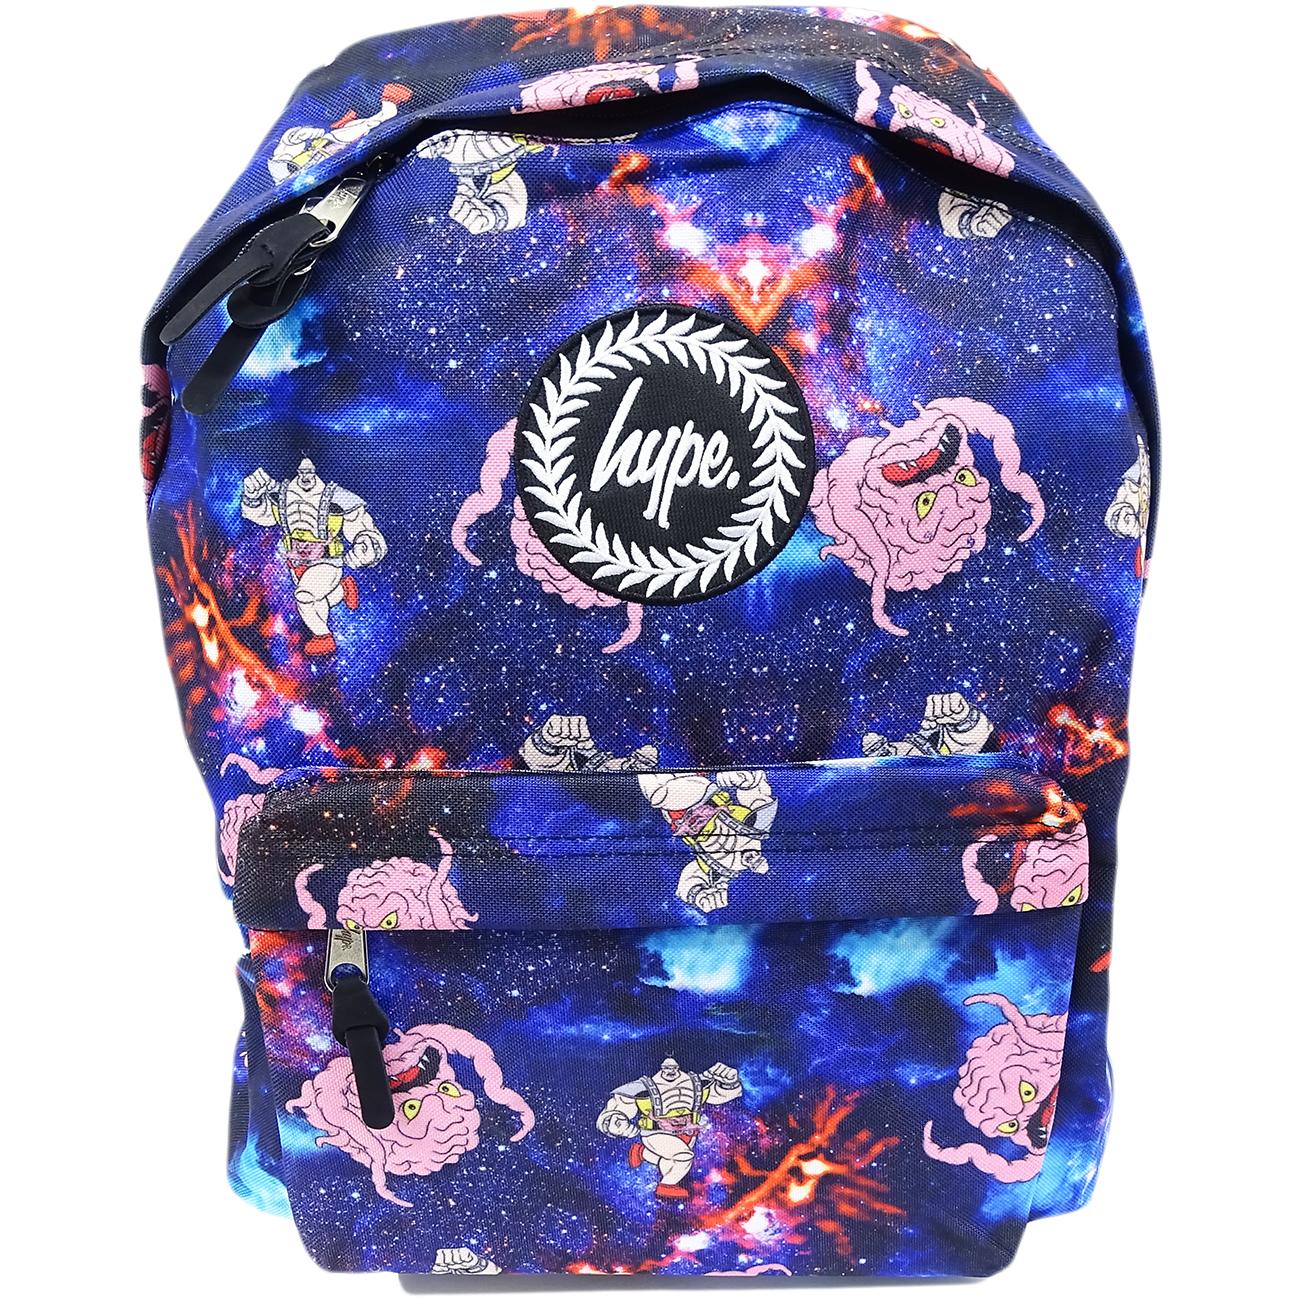 Hype Backpack Bag - School / Work / Gym Backpack - Space Krang